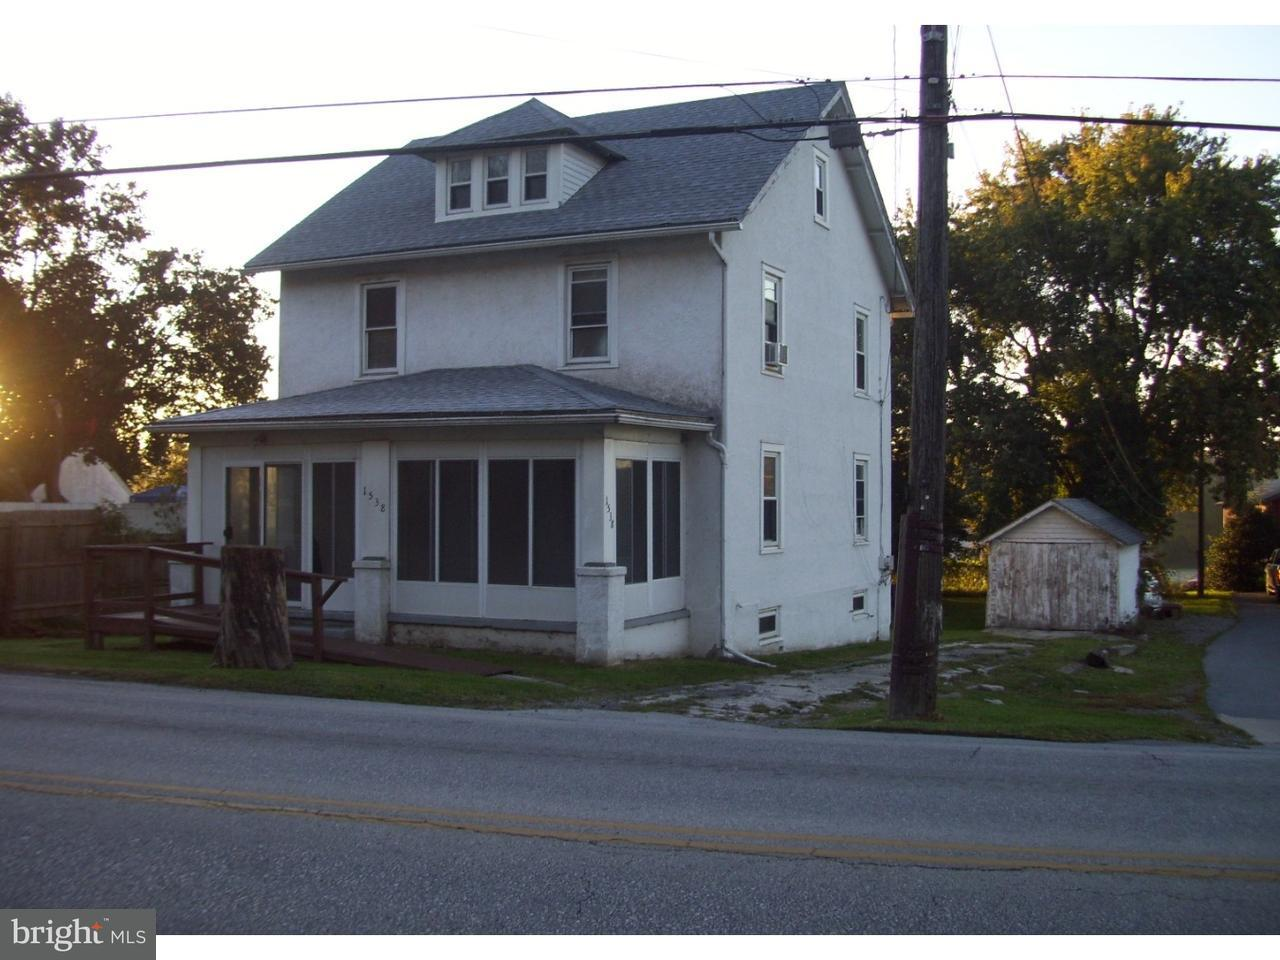 独户住宅 为 销售 在 1538 BALTIMORE PIKE Toughkenamon, 宾夕法尼亚州 19374 美国